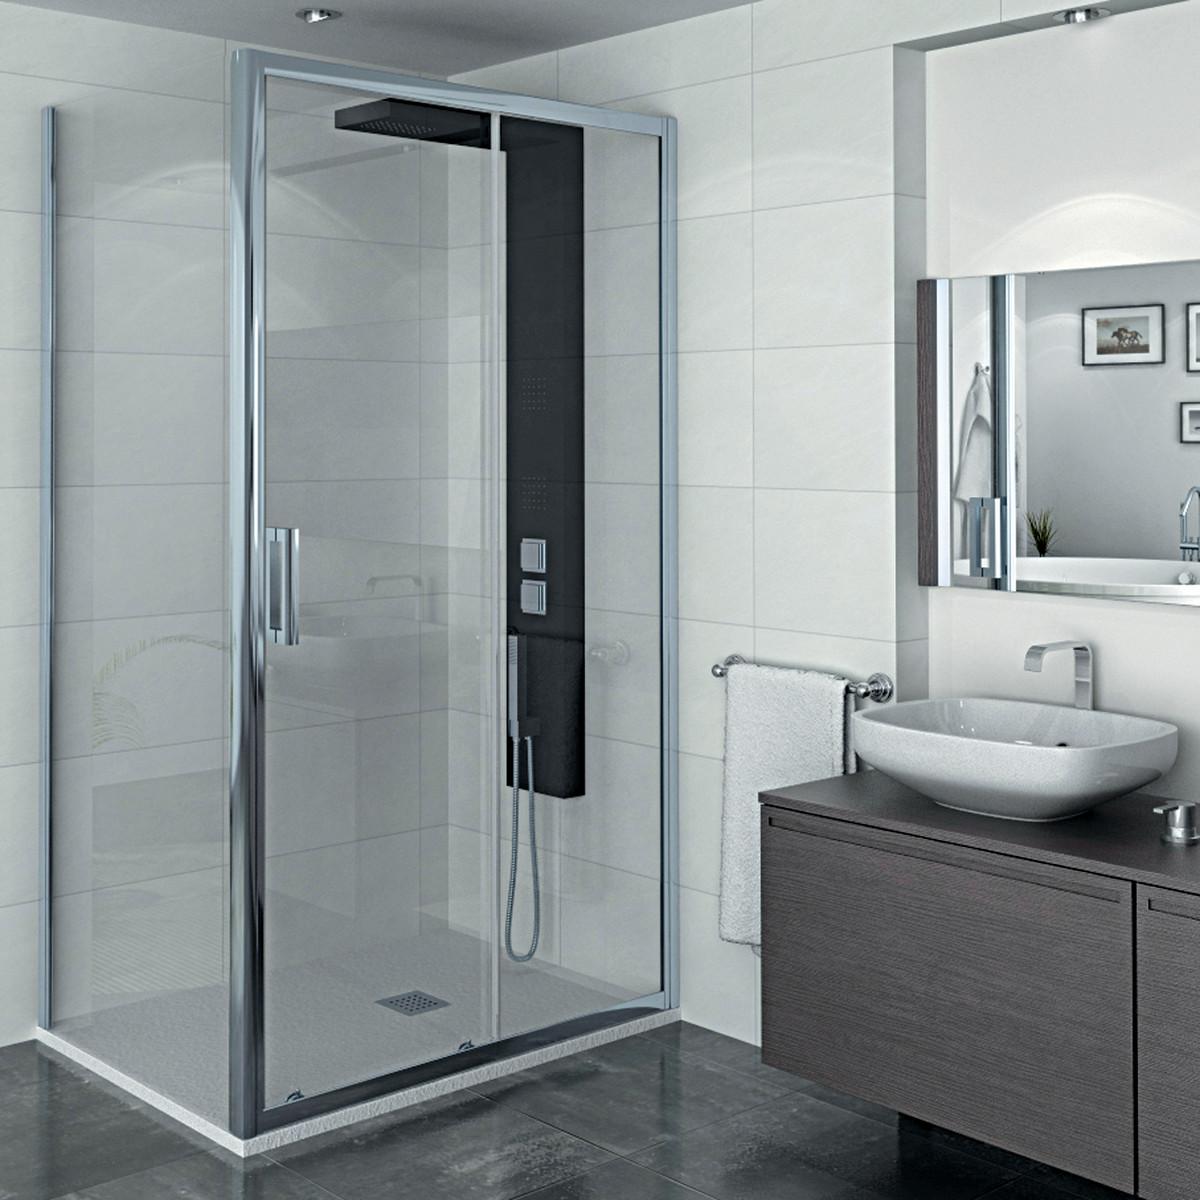 Gres porcellanato lucido effetto legno for Trasformare vasca in doccia leroy merlin